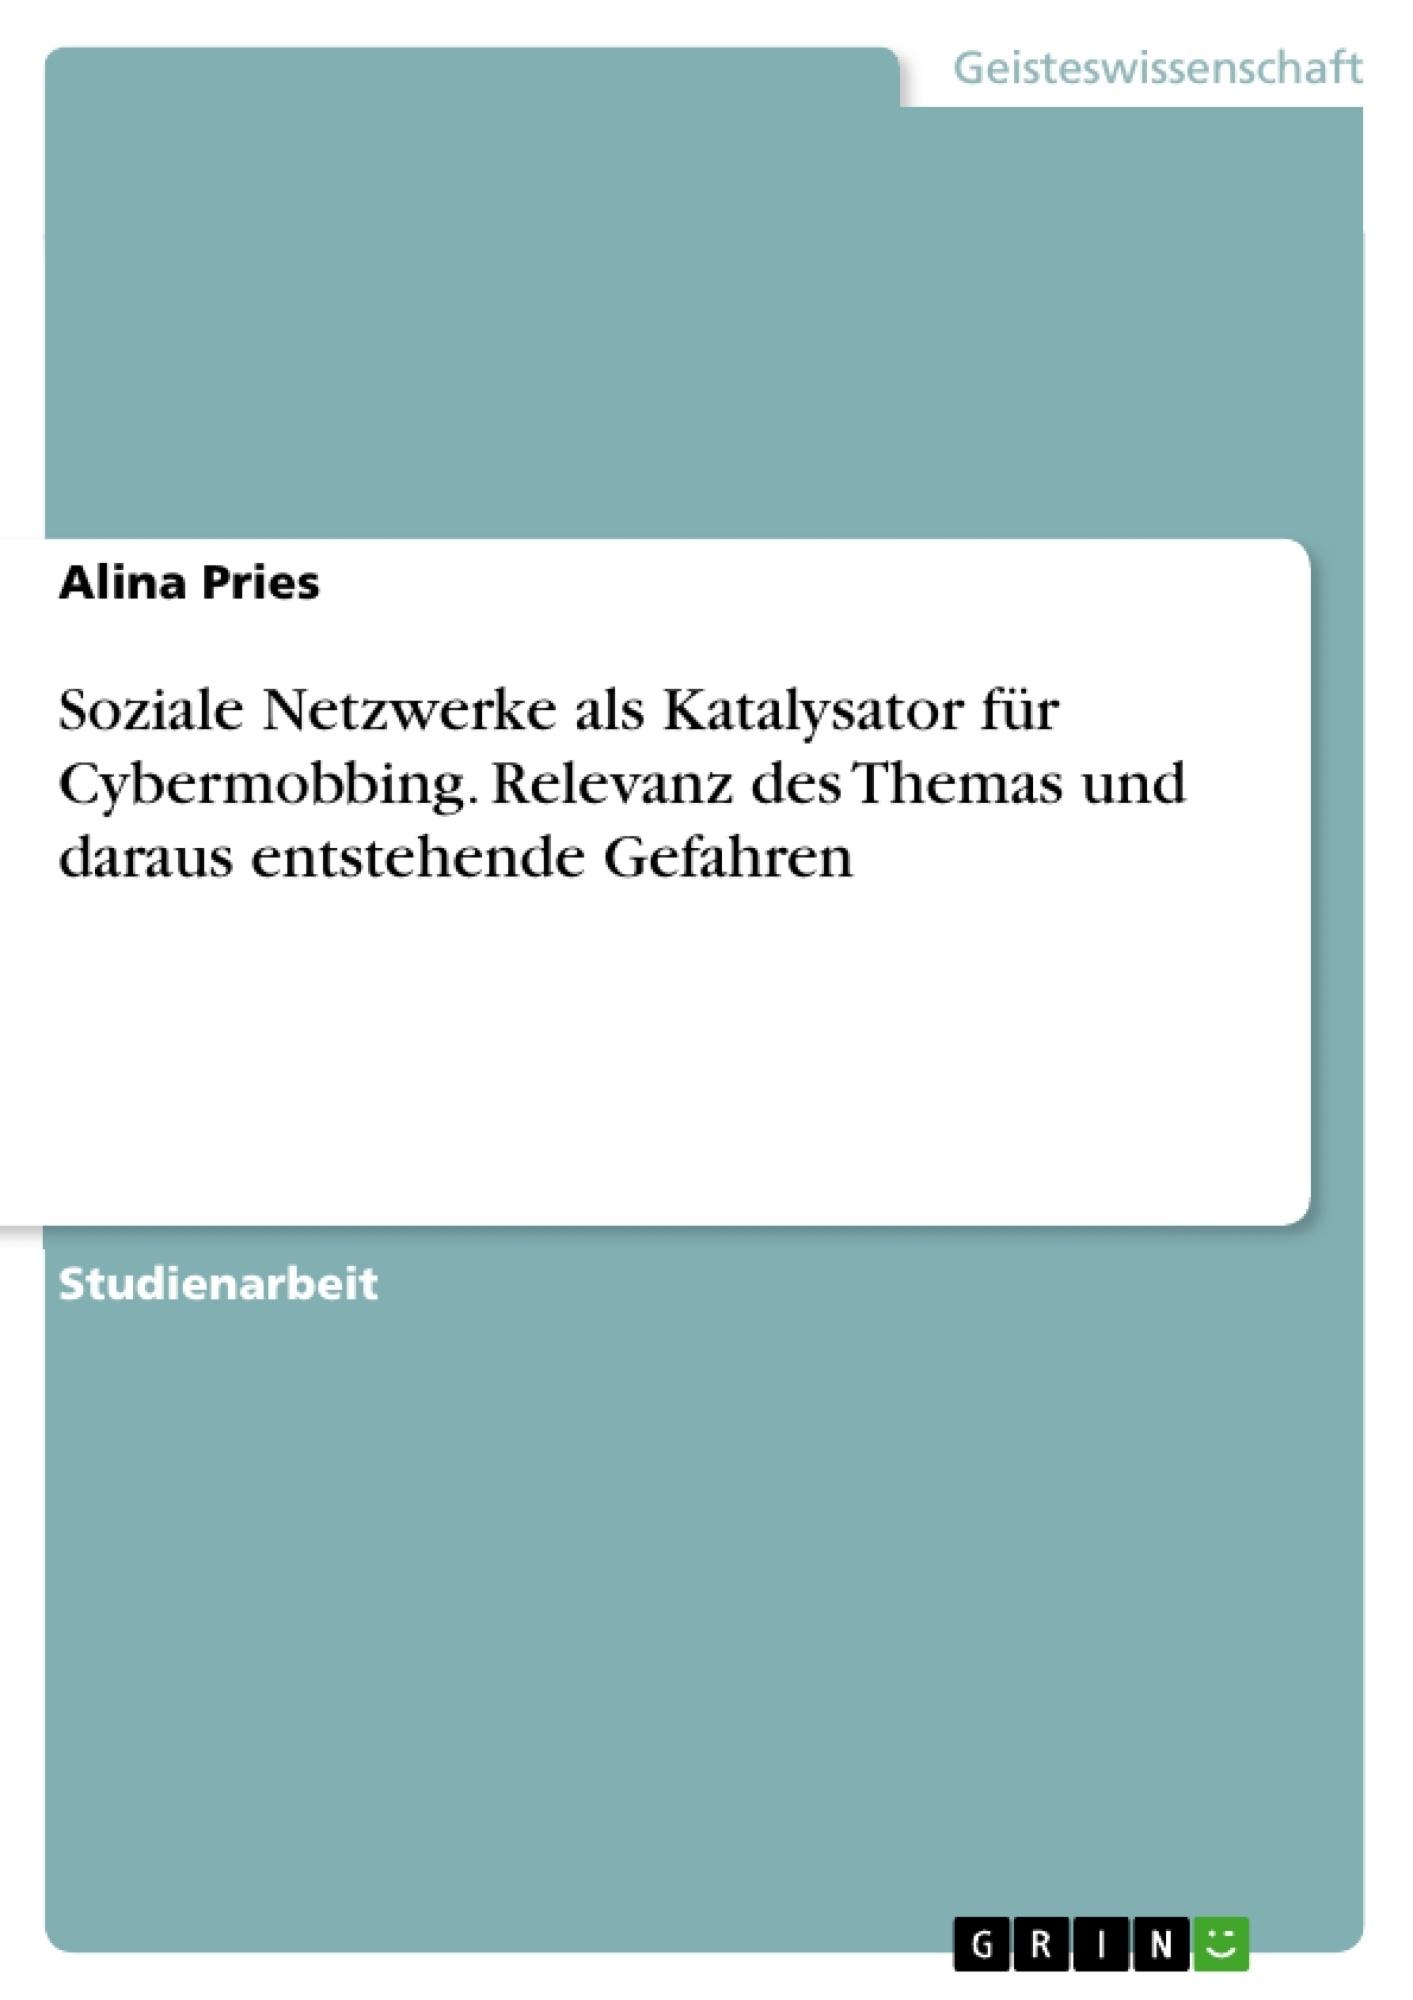 Titel: Soziale Netzwerke als Katalysator für Cybermobbing. Relevanz des Themas und daraus entstehende Gefahren